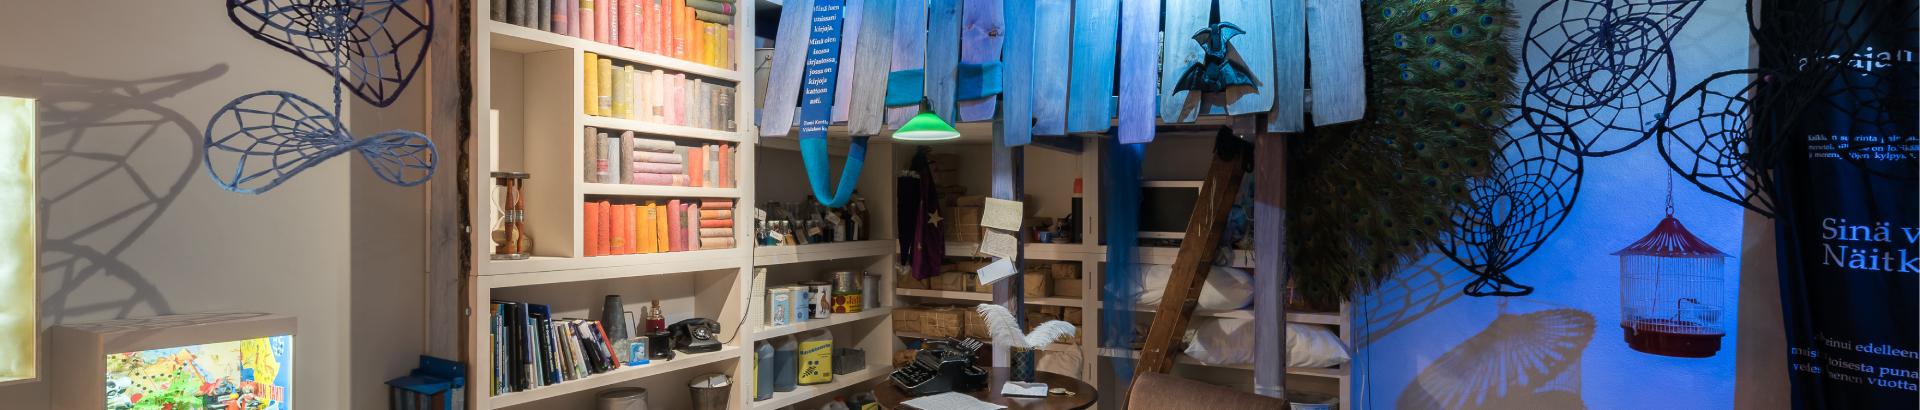 Unikudelmia-näyttelyn miljöötä kirjahyllyineen ja koristeineen.